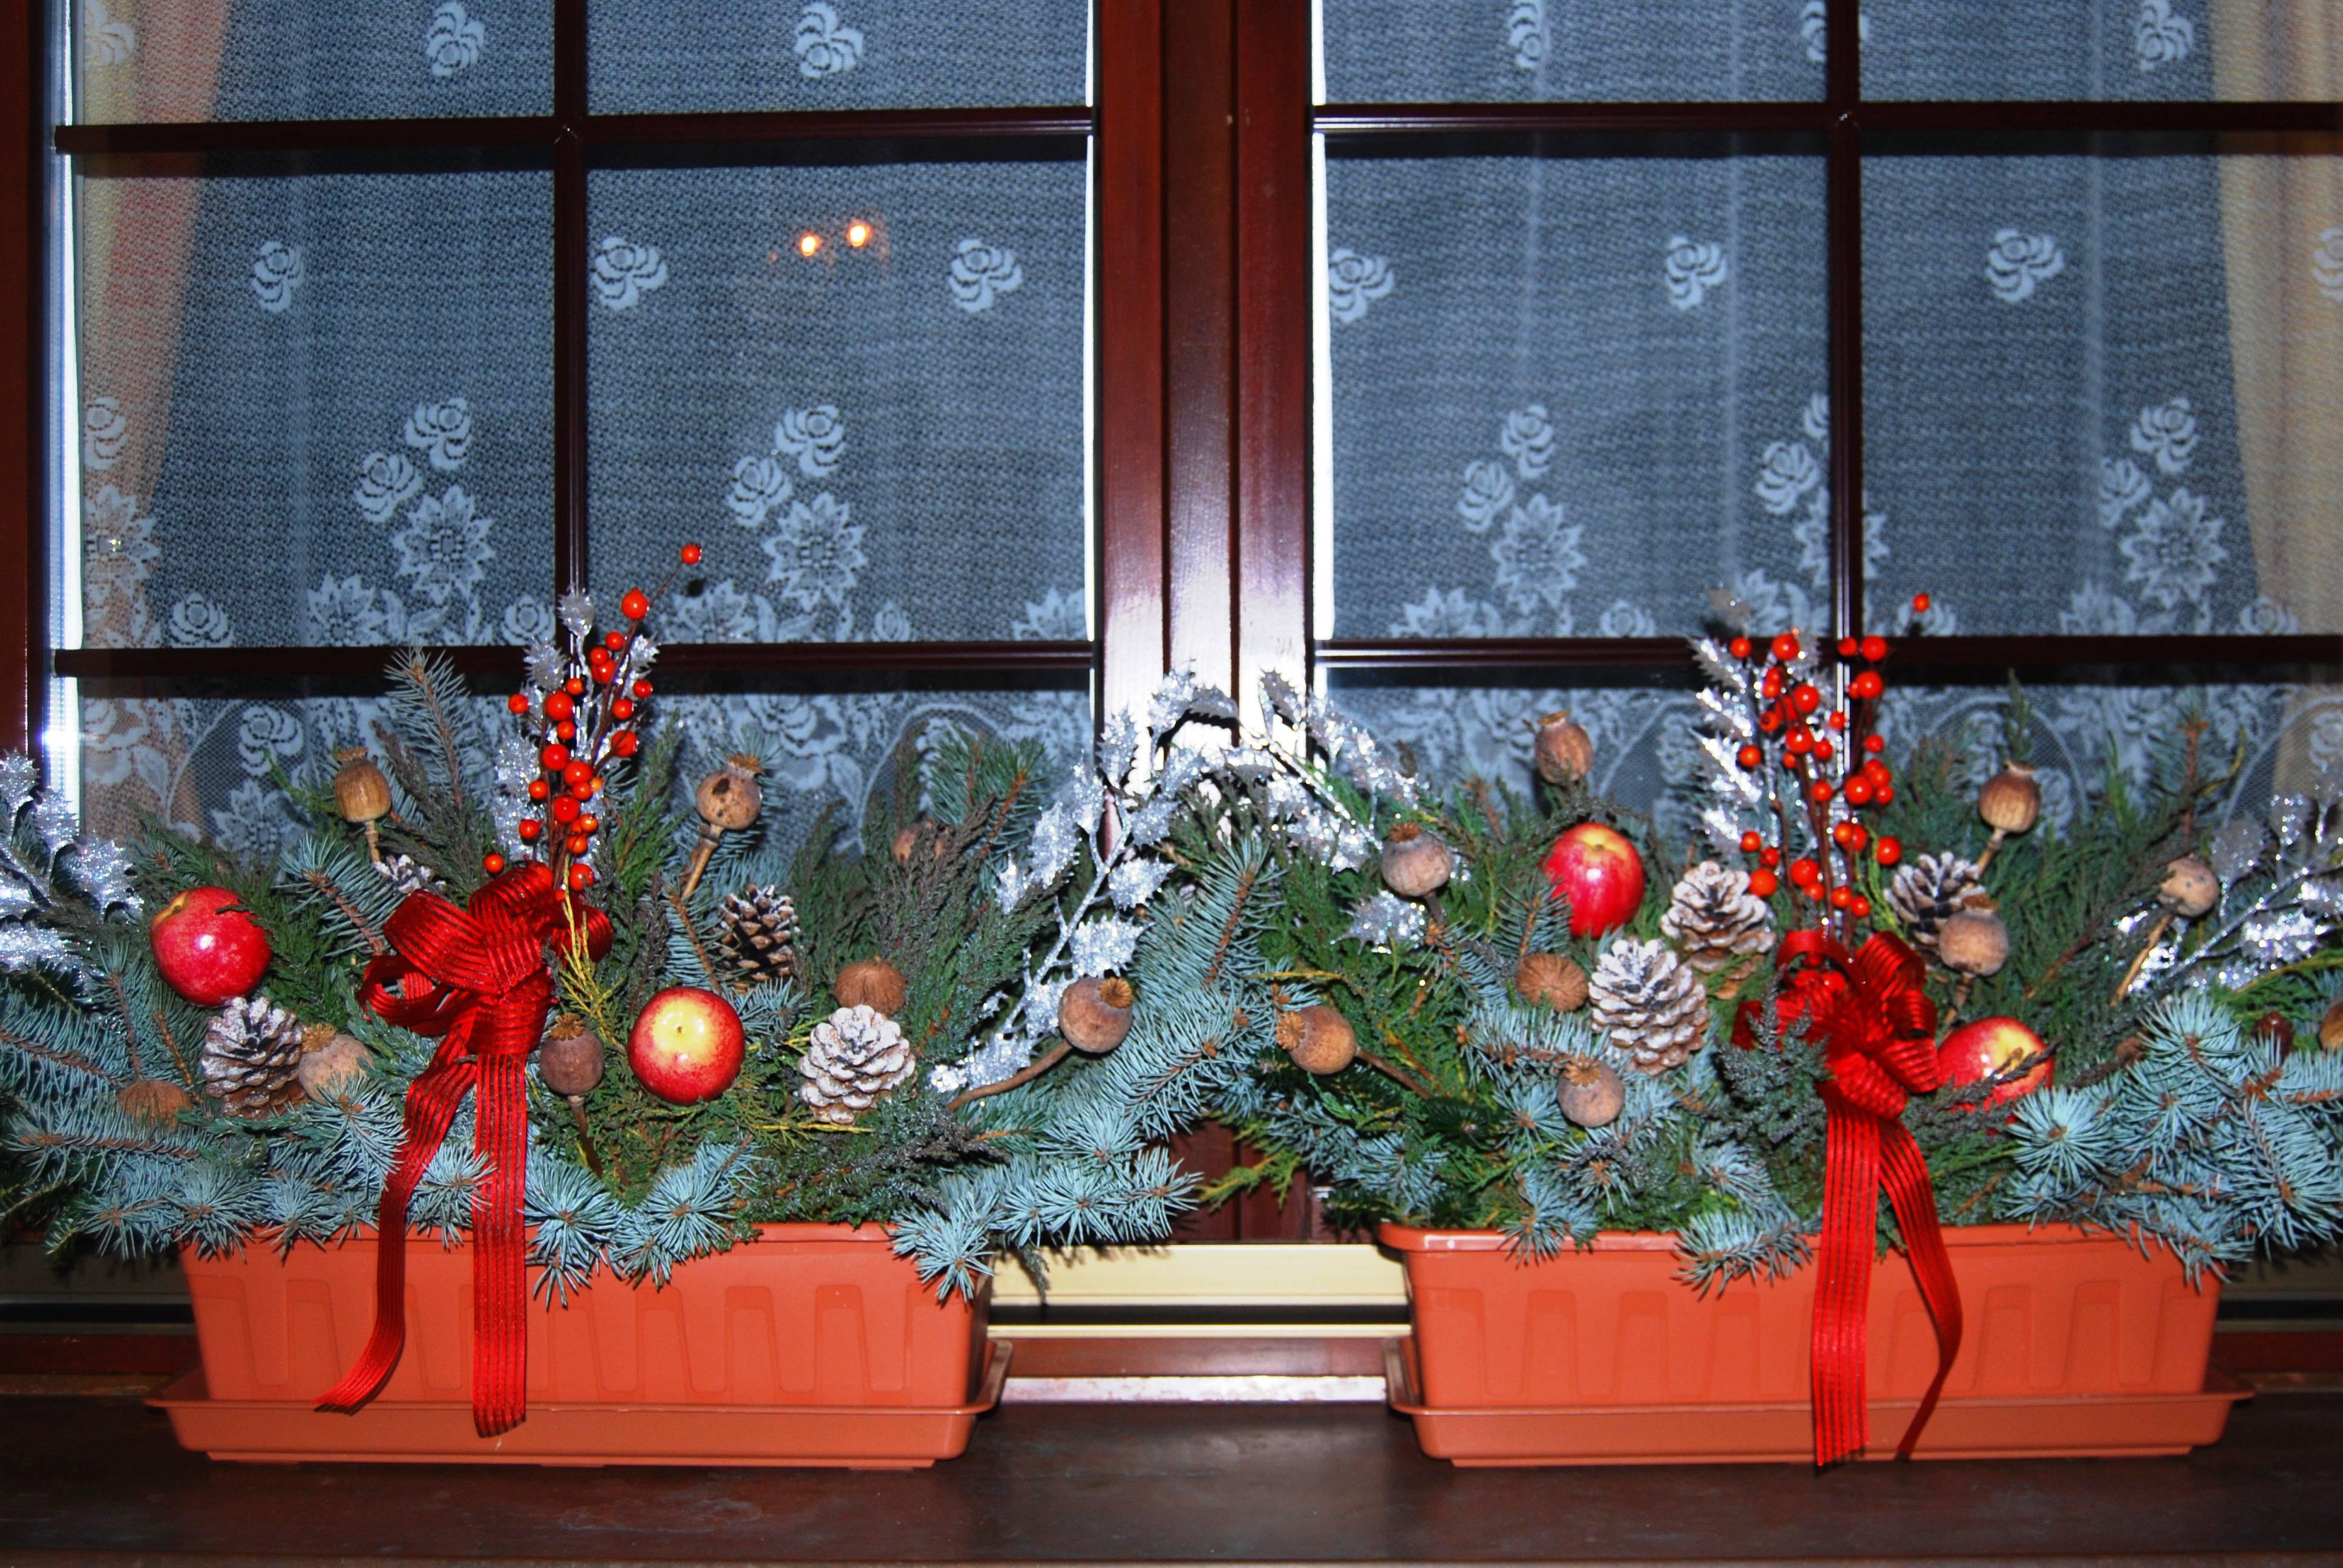 позволит будущем как украсить окно к новому году фото декоративноцветущая обладает свойством